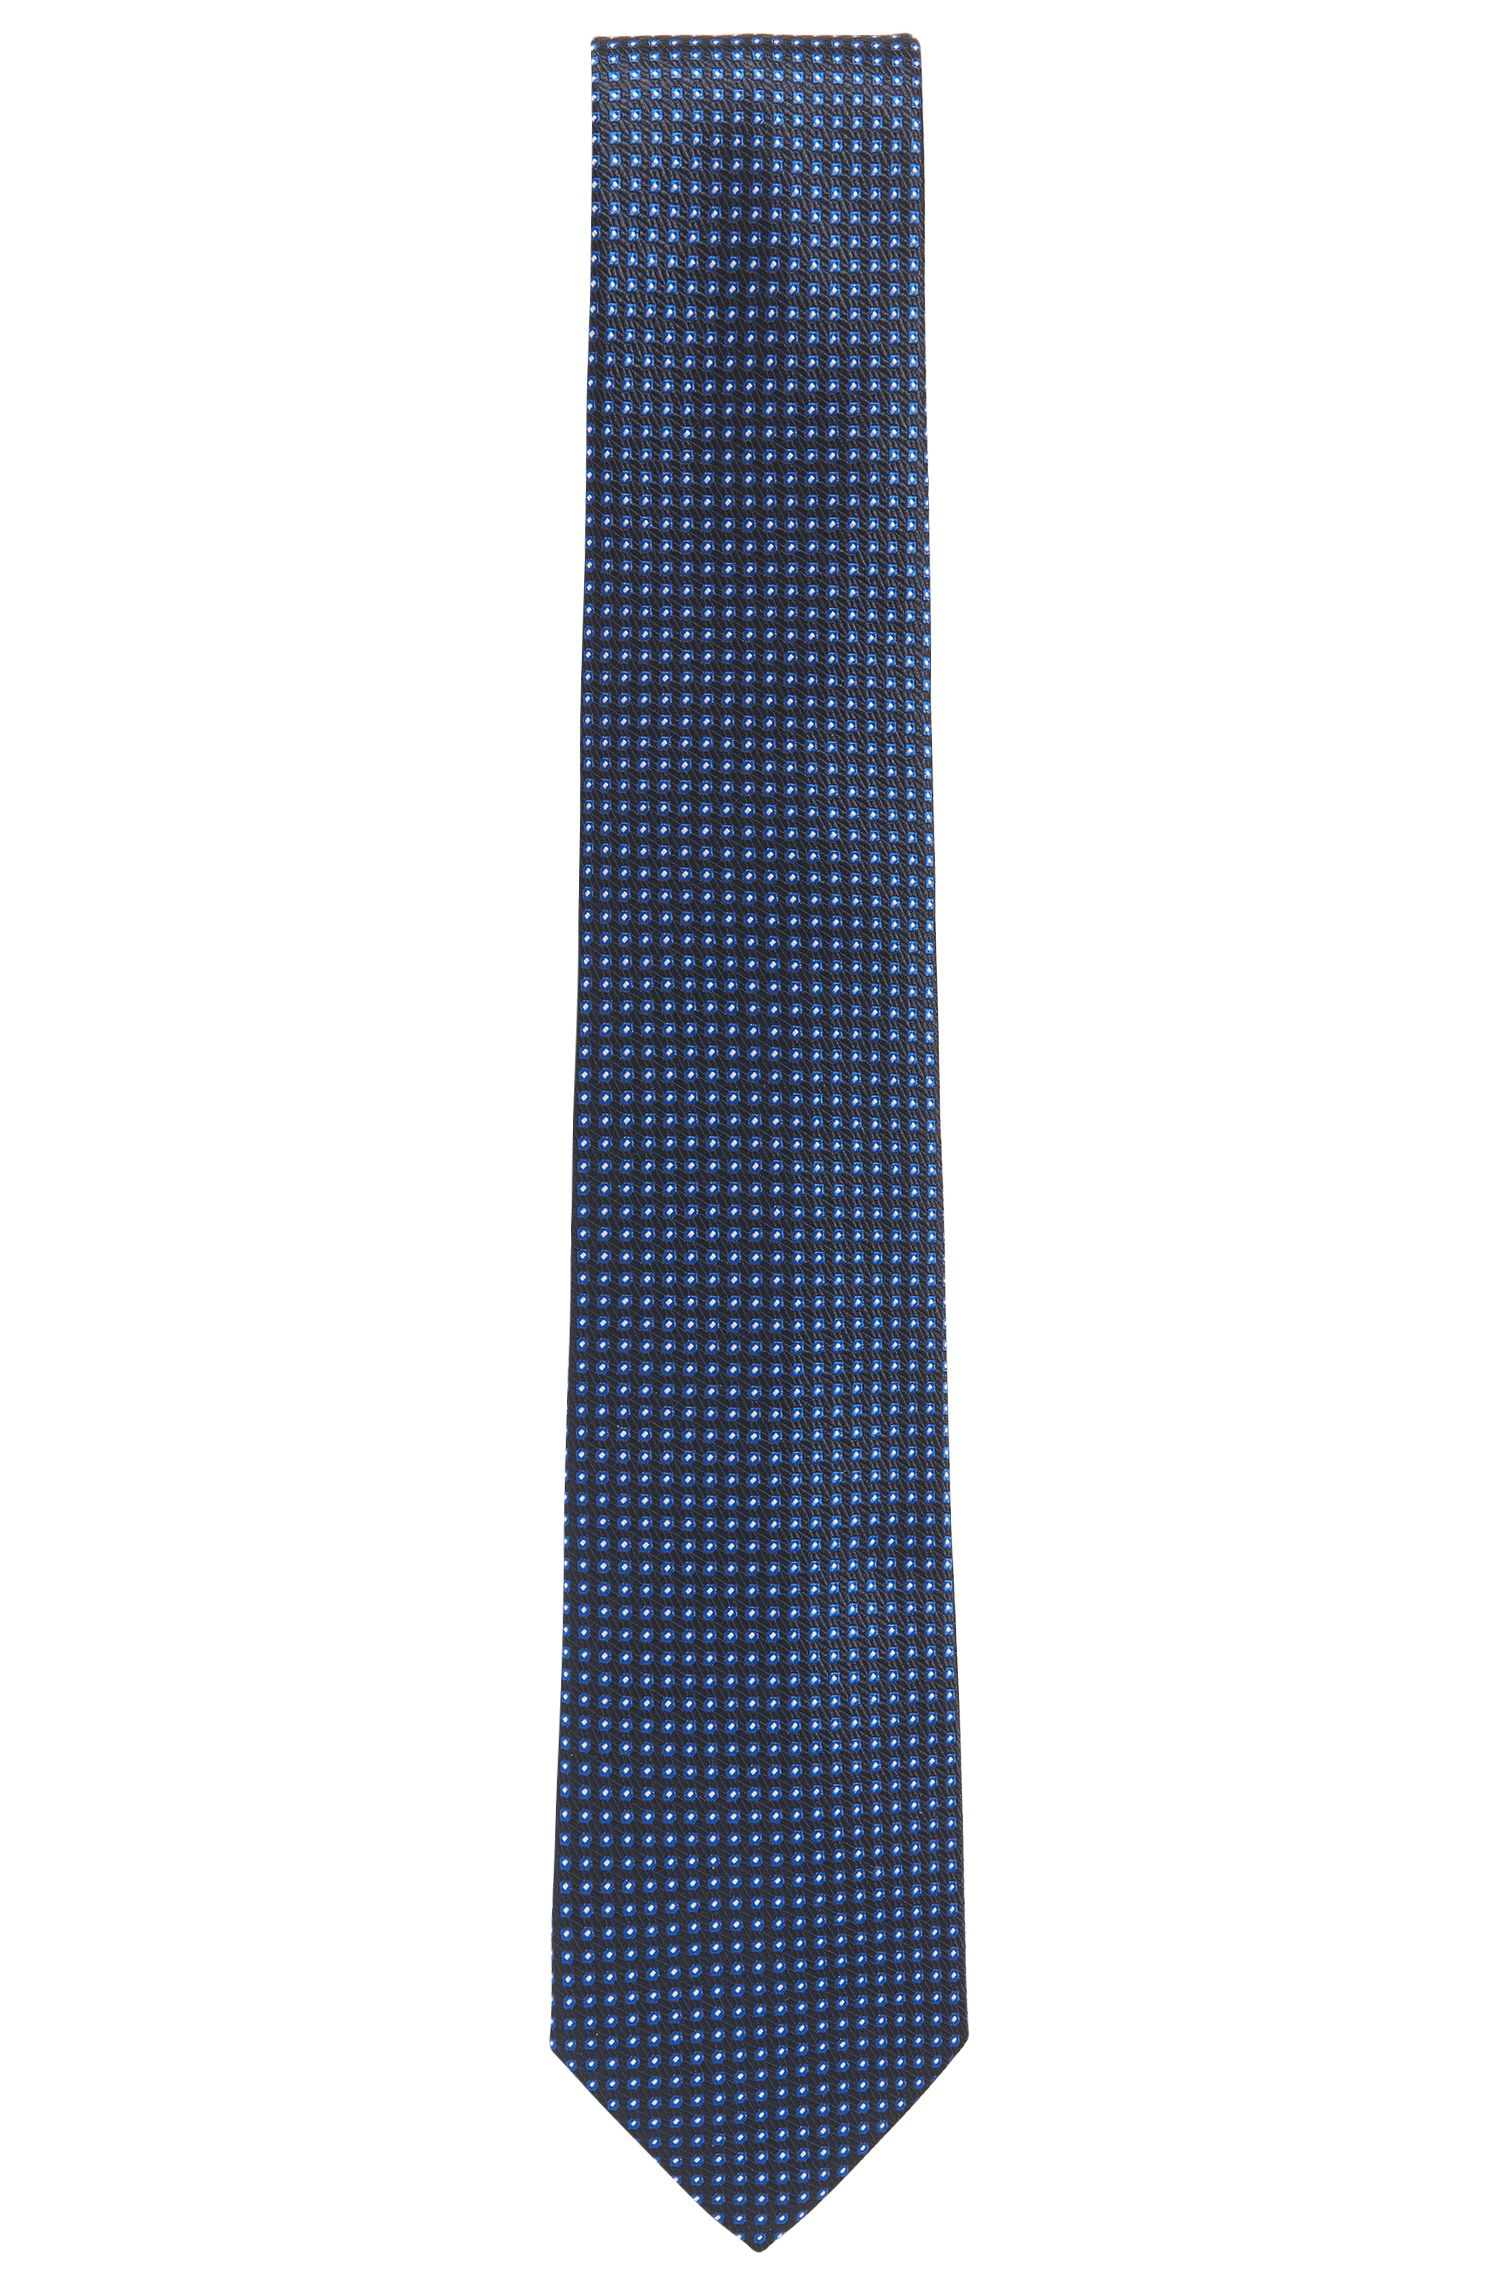 Cravatta jacquard in seta con microdisegni